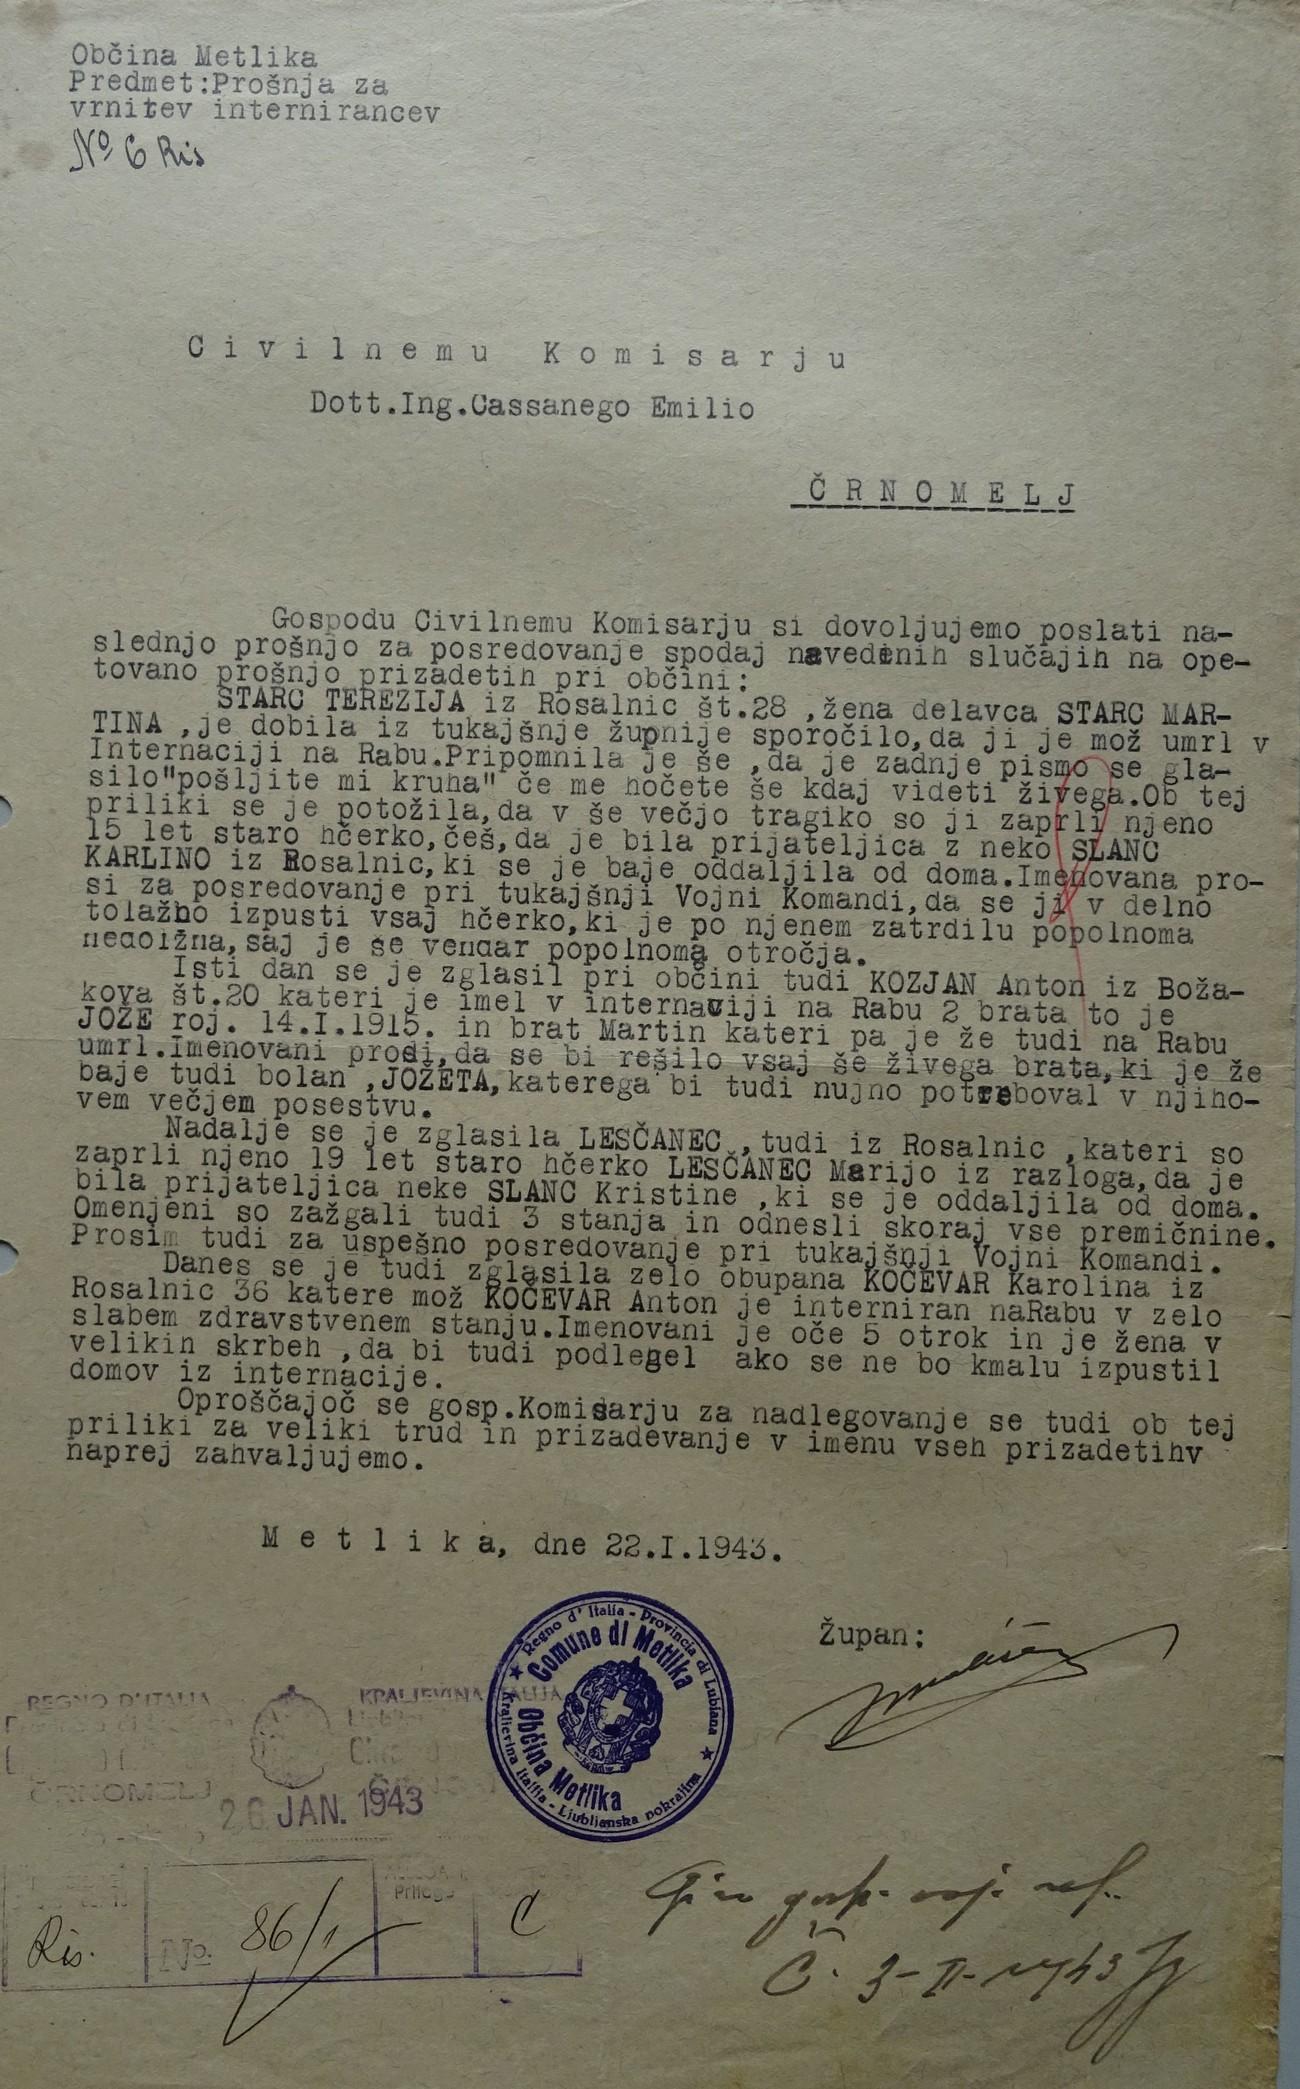 Terezija Starc iz Rosalnic pri Metliki je dobila sporočilo iz tukajšnje župnije, da ji je mož umrl v internaciji na Rabu. Ob tem je pripomnila, da ji je mož v zadnjem pismu napisal: »Pošljite mi kruha, če me hočete še kdaj videti živega.« Arhiv RS. Metliški župan je to sporočilo 22. januarja 1943 zapisal v pismu civilnemu komisarju v Črnomlju, Emiliu Cassanegu. V pismu navaja še več podobnih primerov in komisarja prosi za posredovanje za izpust internirancev. Arhiv RS.